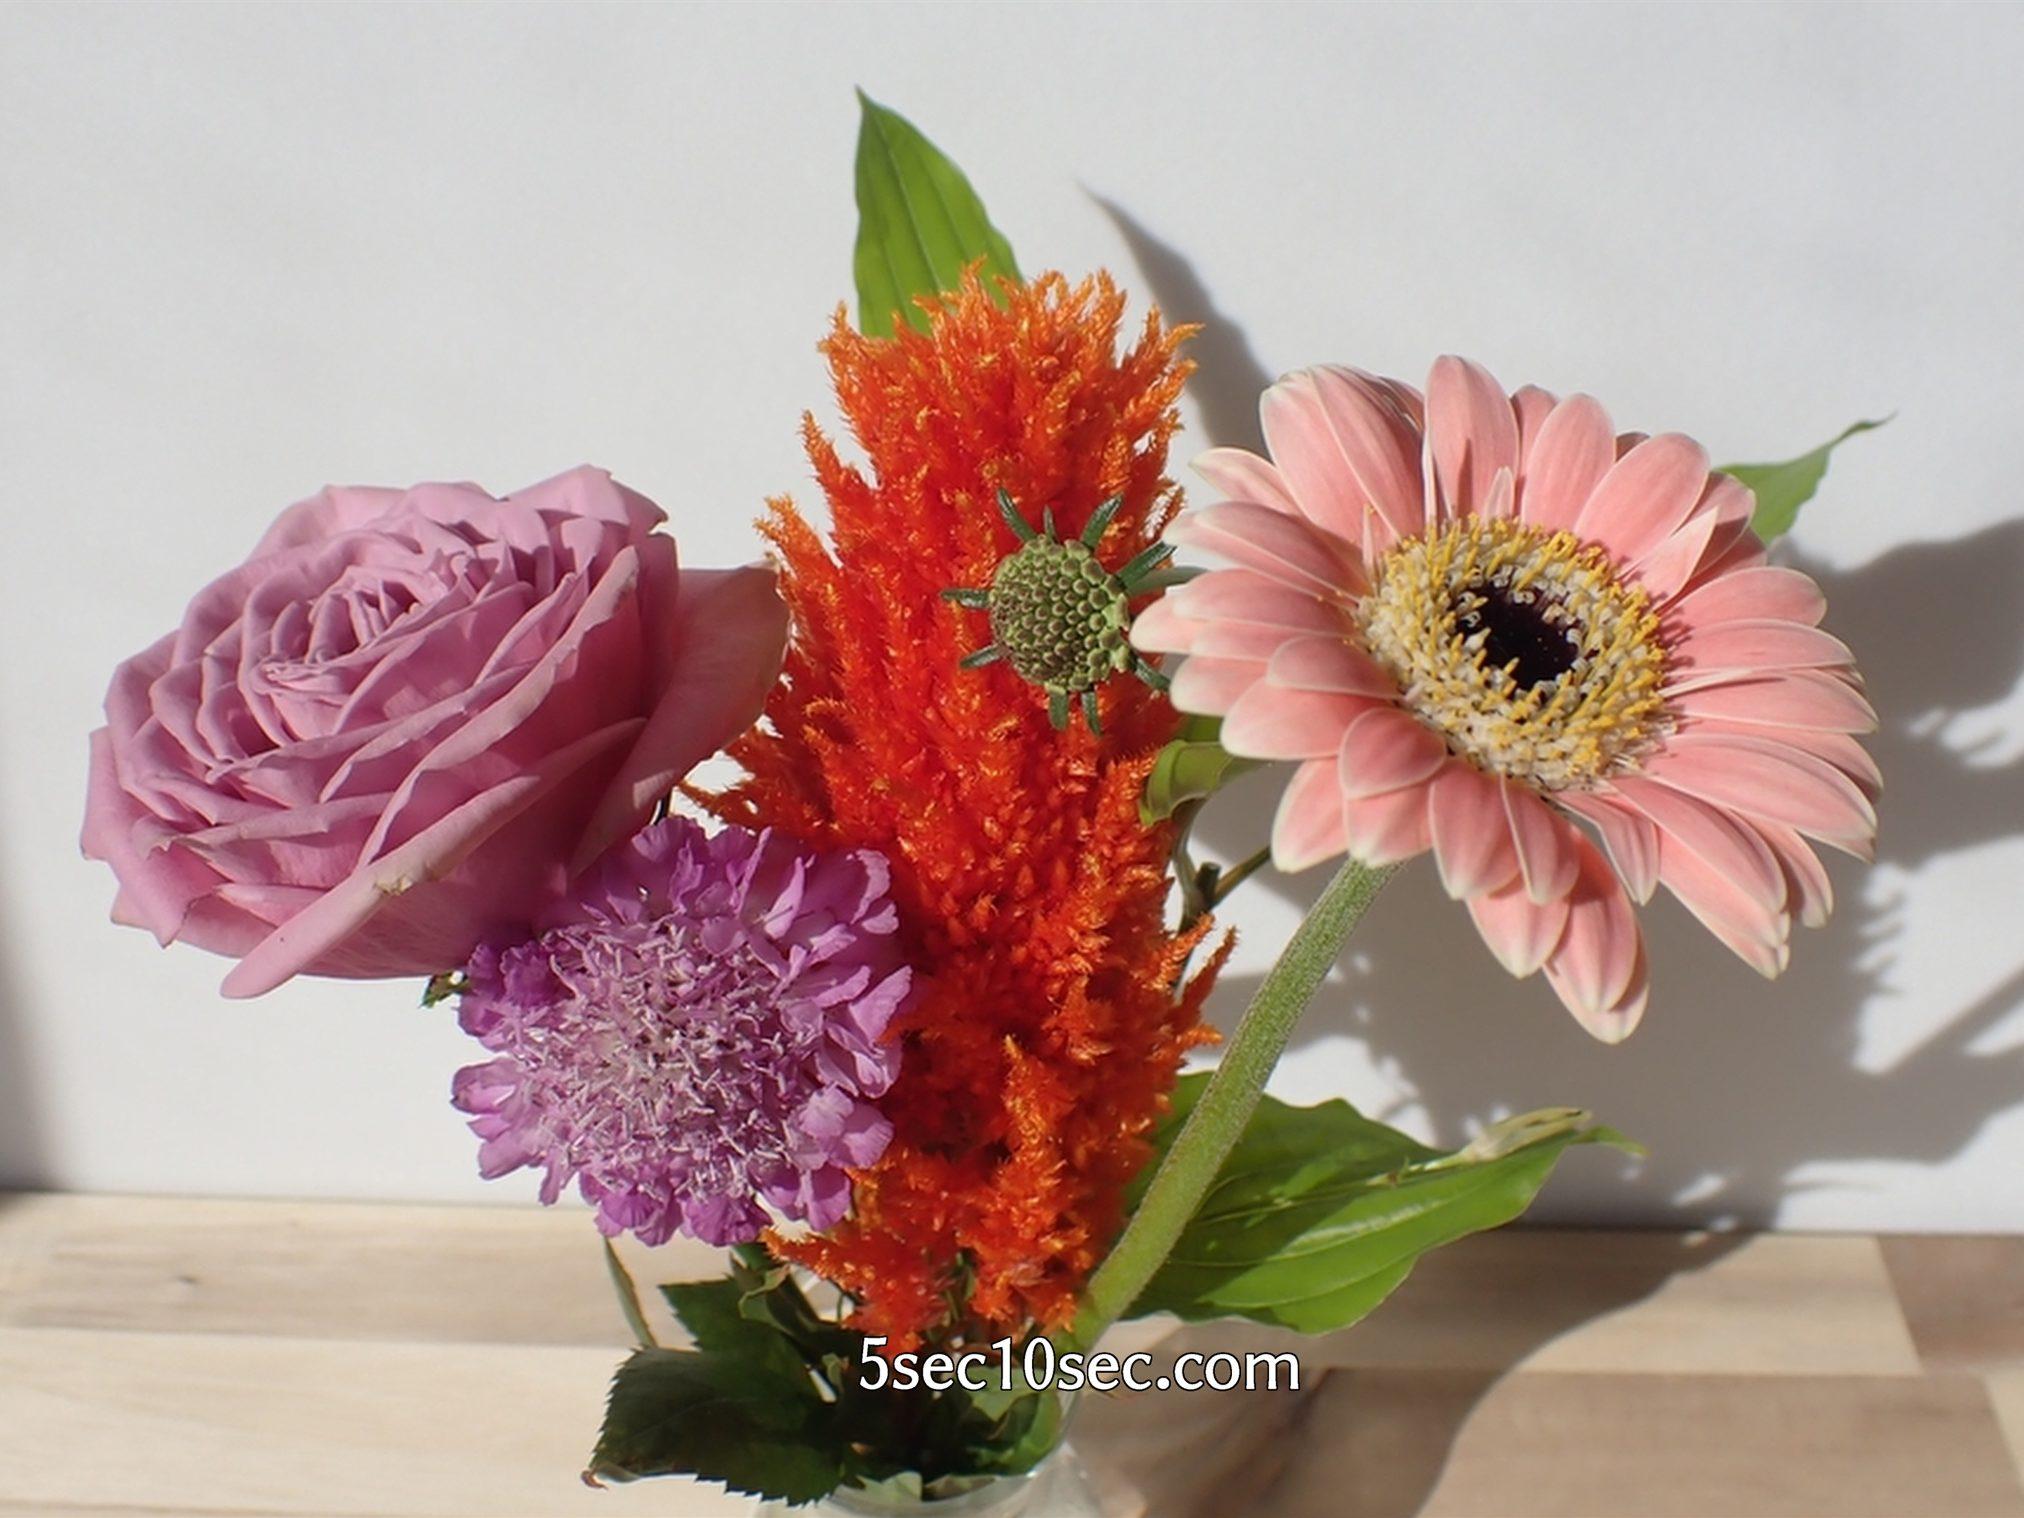 株式会社Crunch Style お花の定期便 Bloomee LIFE ブルーミーライフ レギュラープラン 初日とほとんど変わらないと思うくらい、6日目なのにお花は元気です